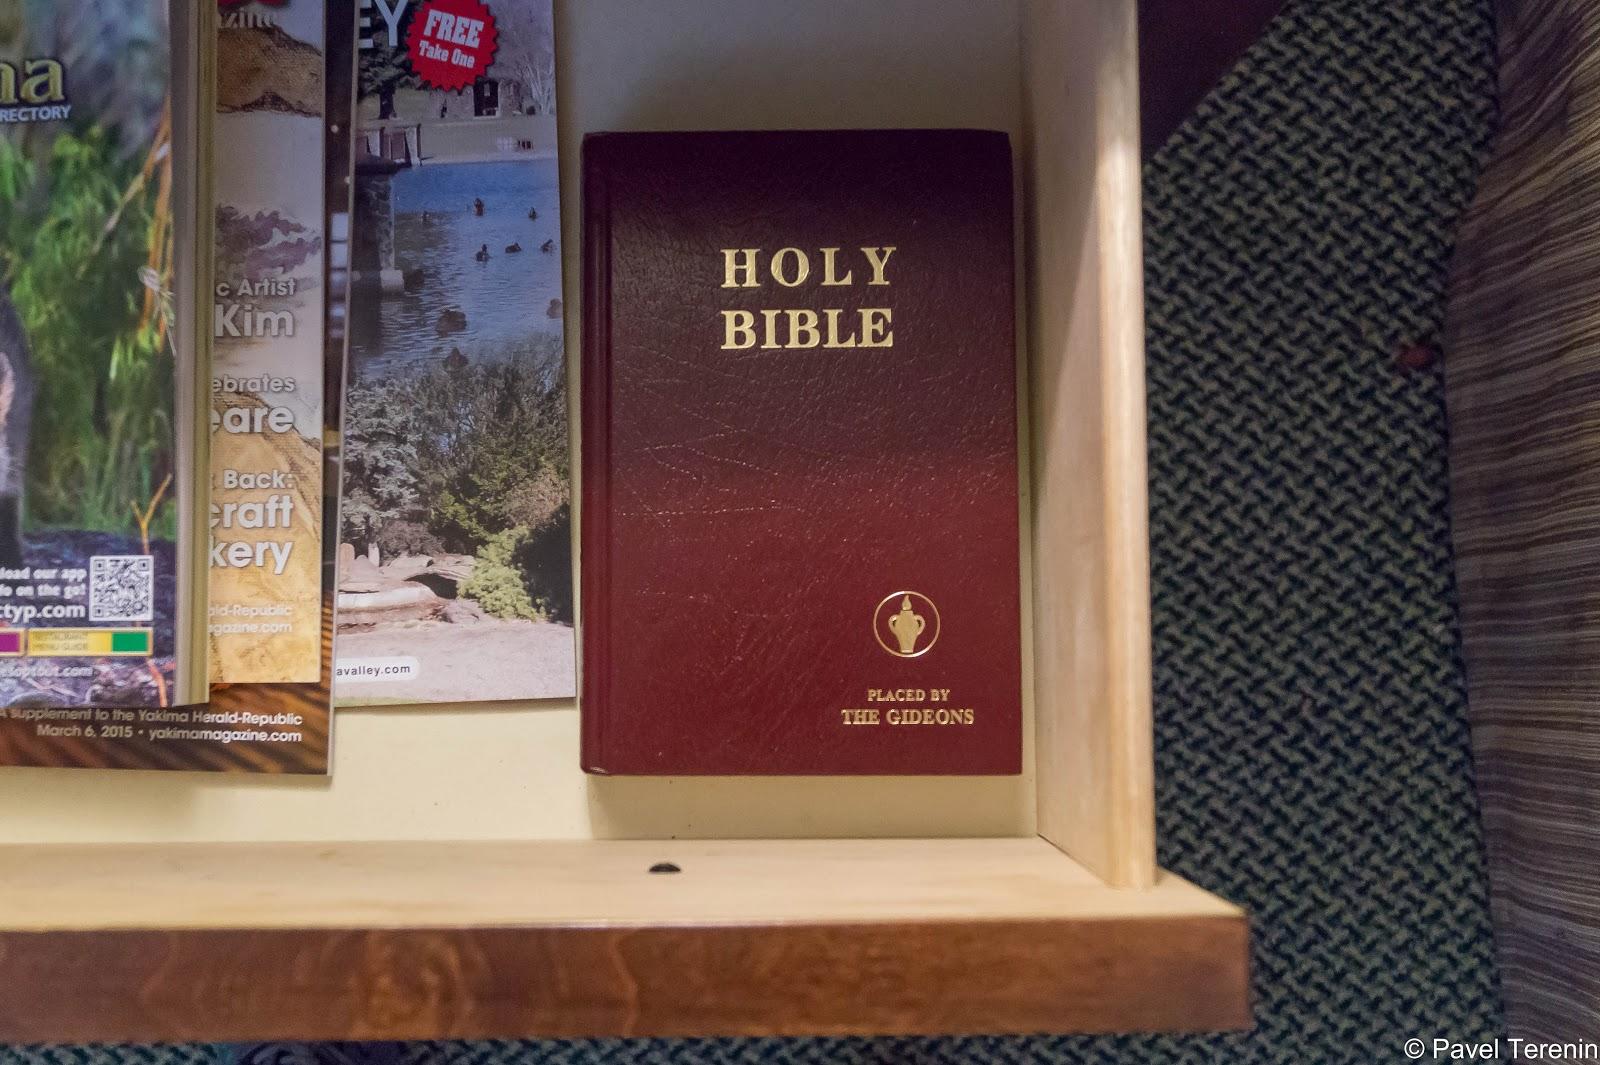 Во всех отелях и мотелях обязательная библия в номере.